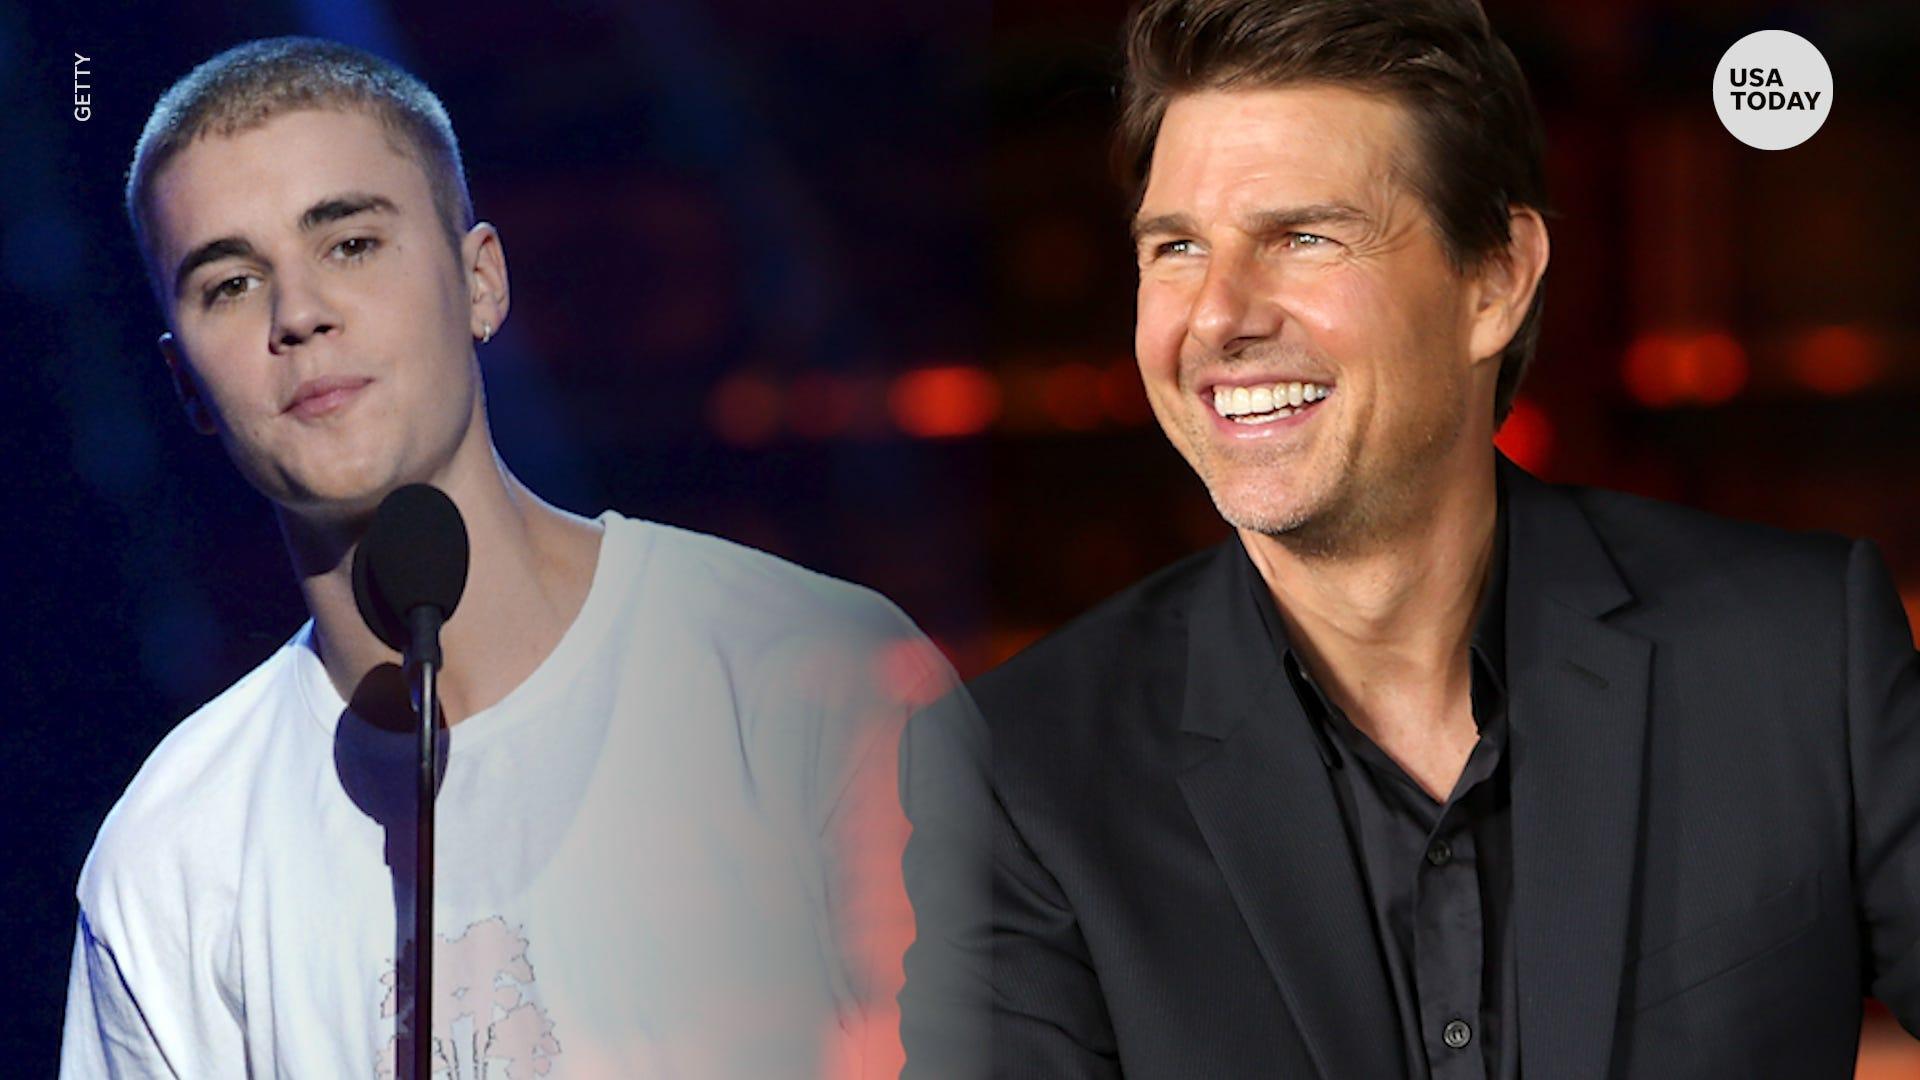 Kết quả hình ảnh cho justin bieber vs Tom Cruise